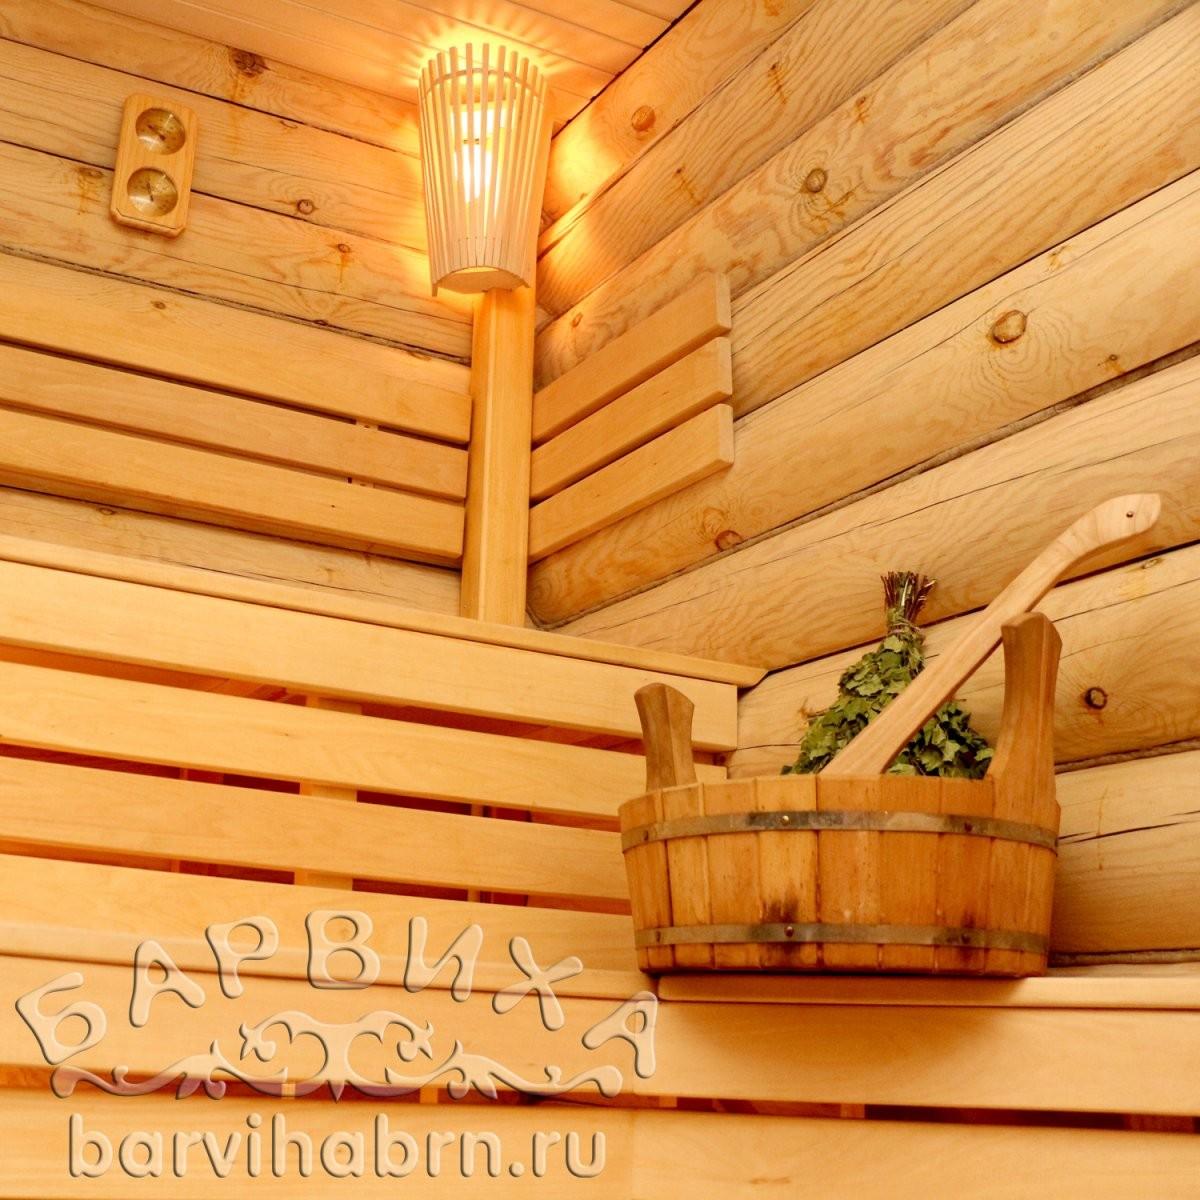 Барвиха, база отдыха - №5